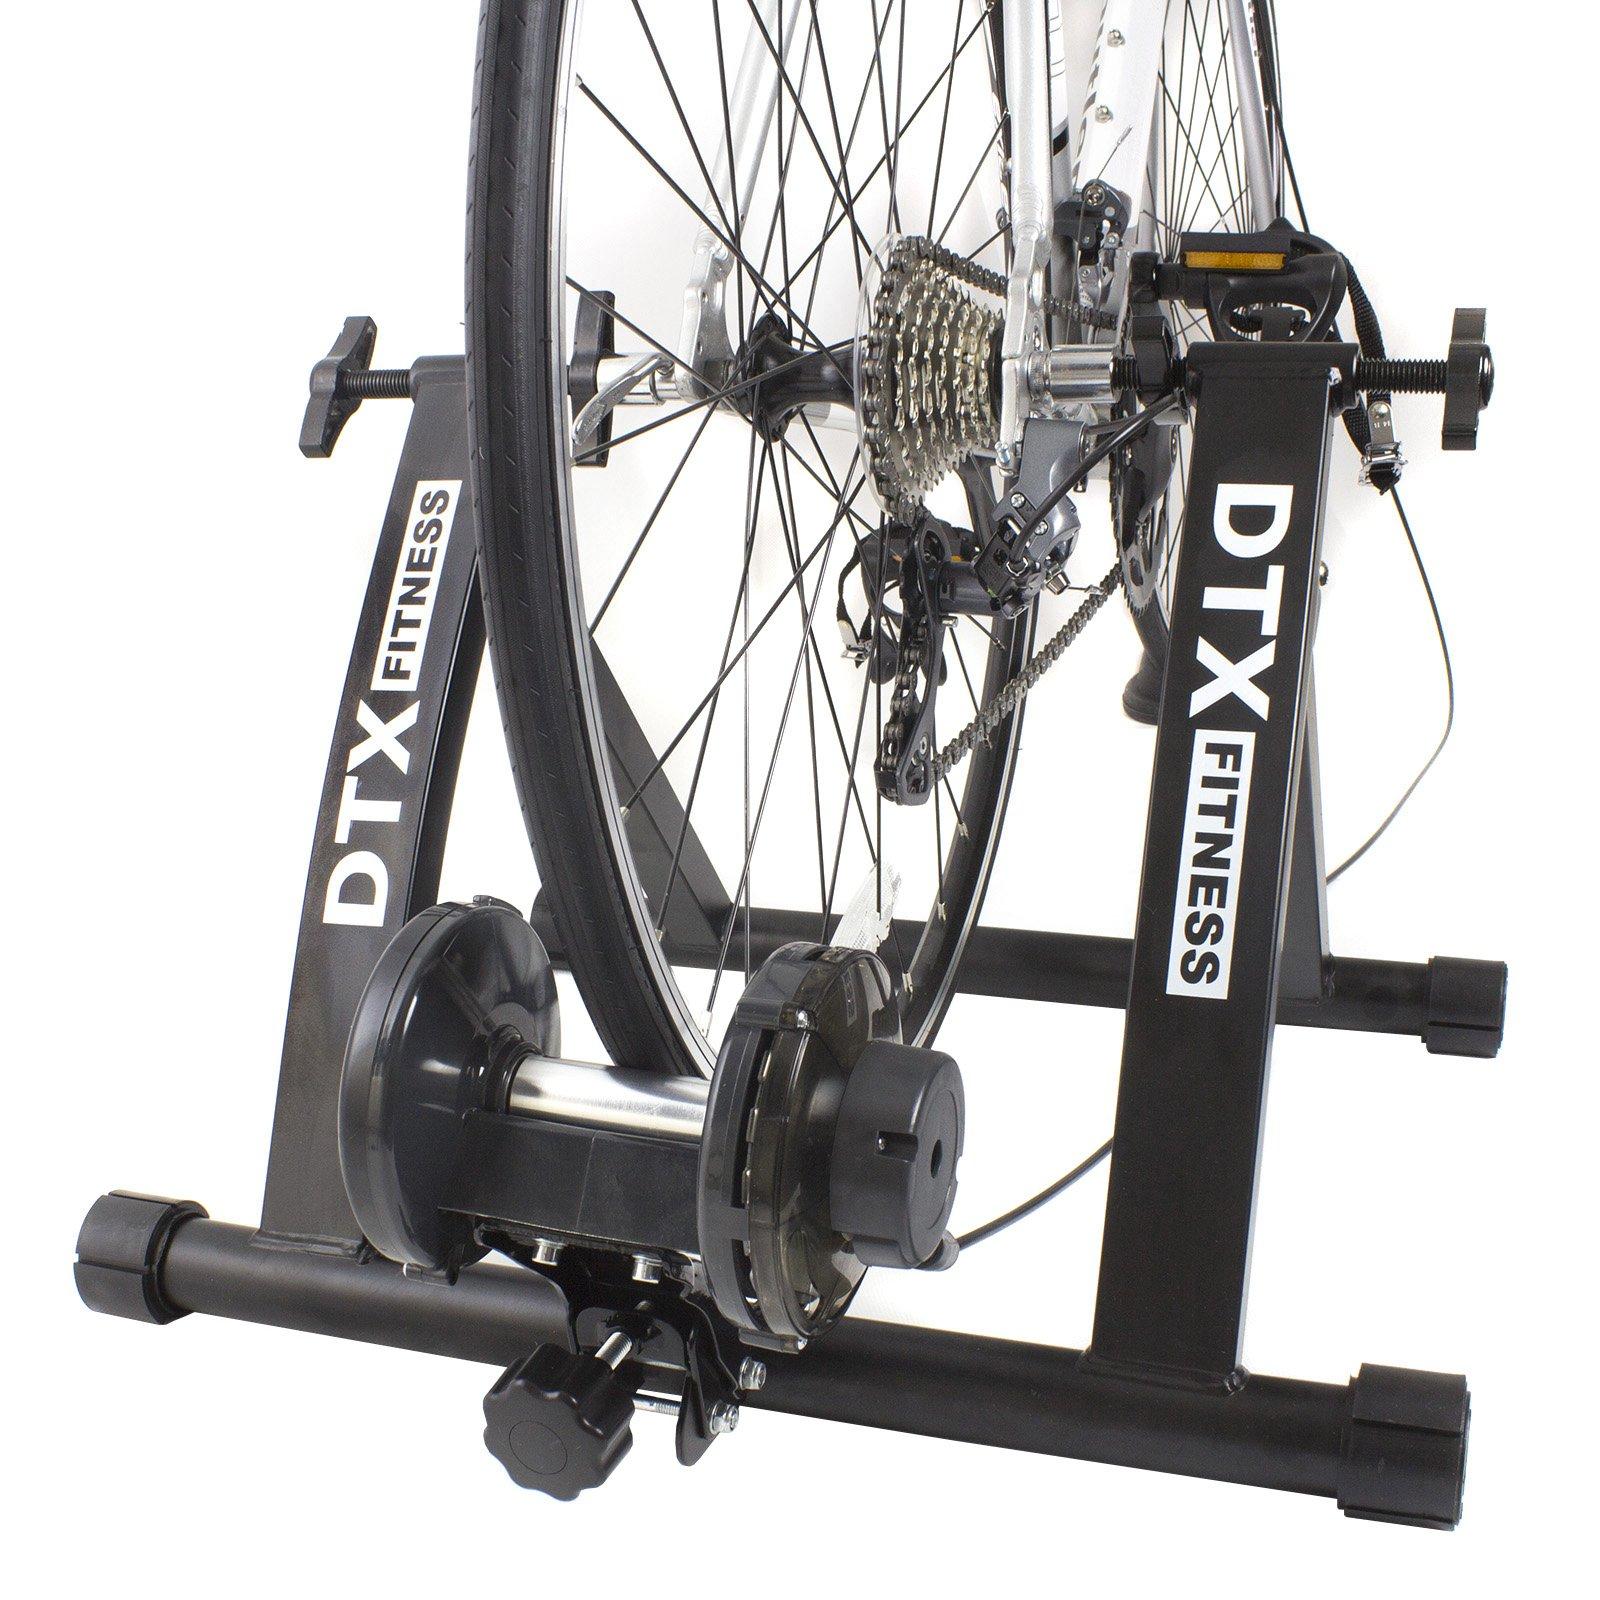 DTX Fitness Entraineur Turbo Réglable pour Vélo - Noir - Utilisez Votre Vélo Comme Vélo d'Appartement product image